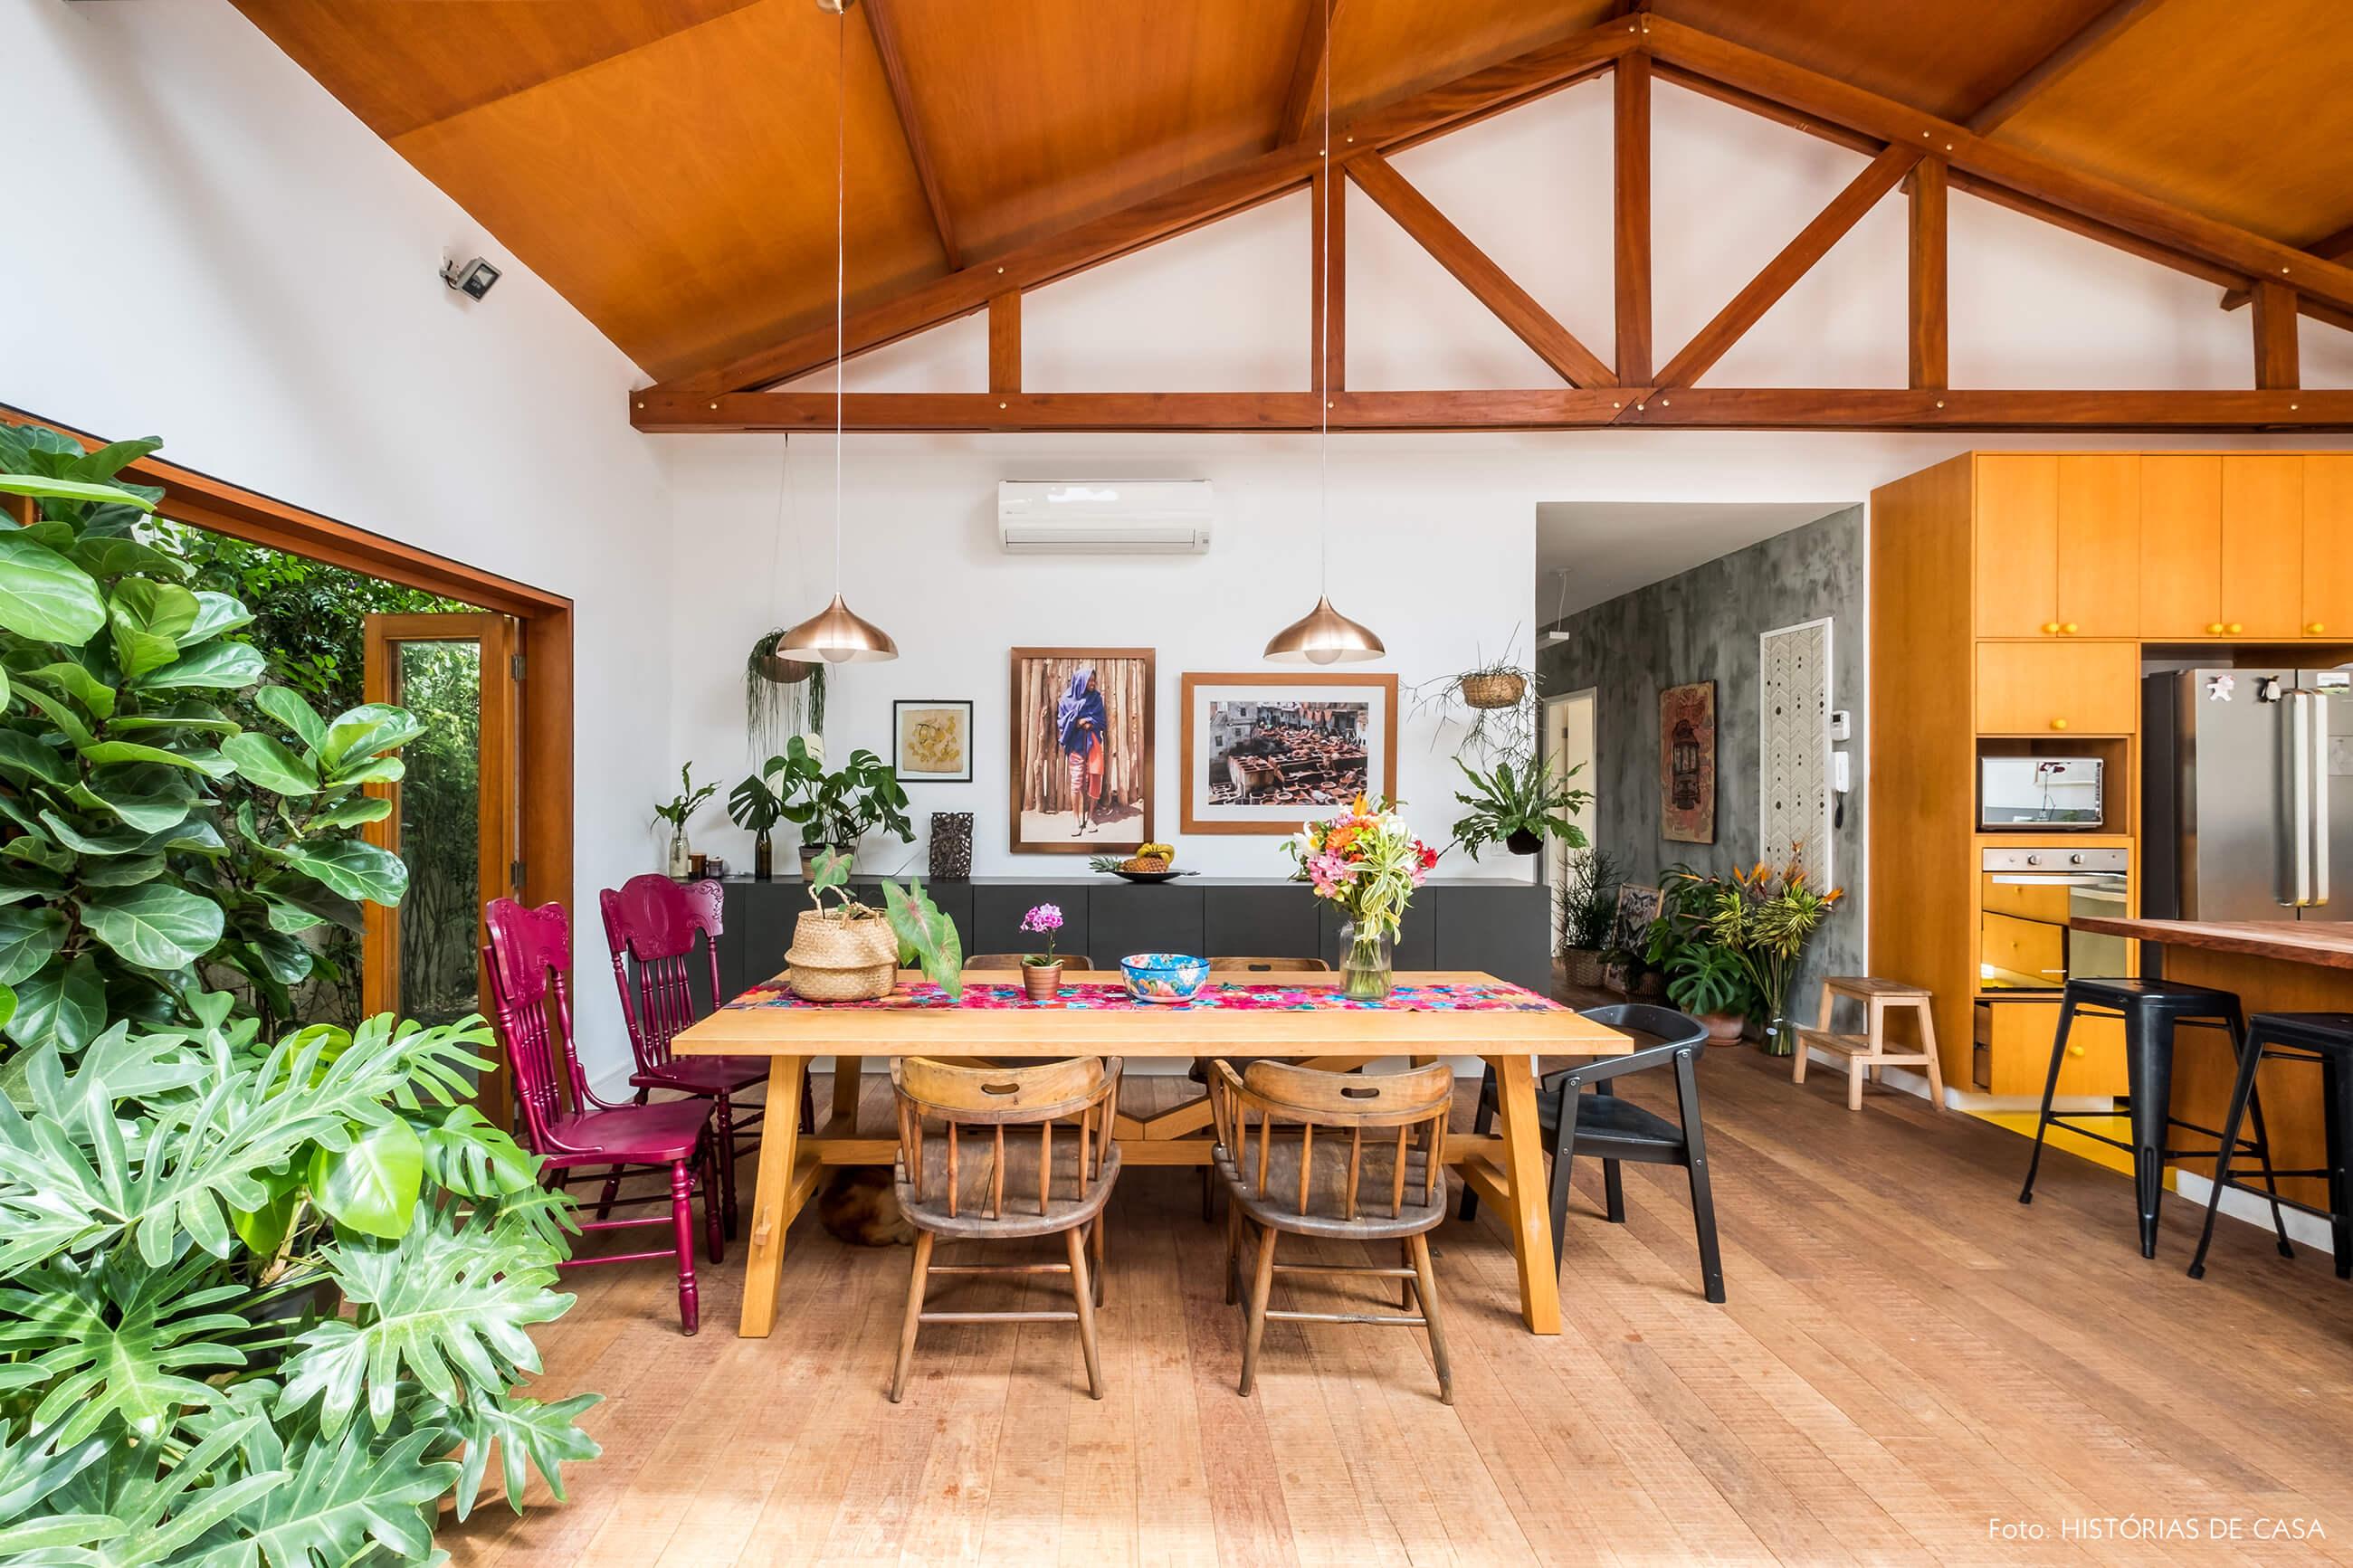 Sala de jantar integrada com forro de madeira e móveis coloridos